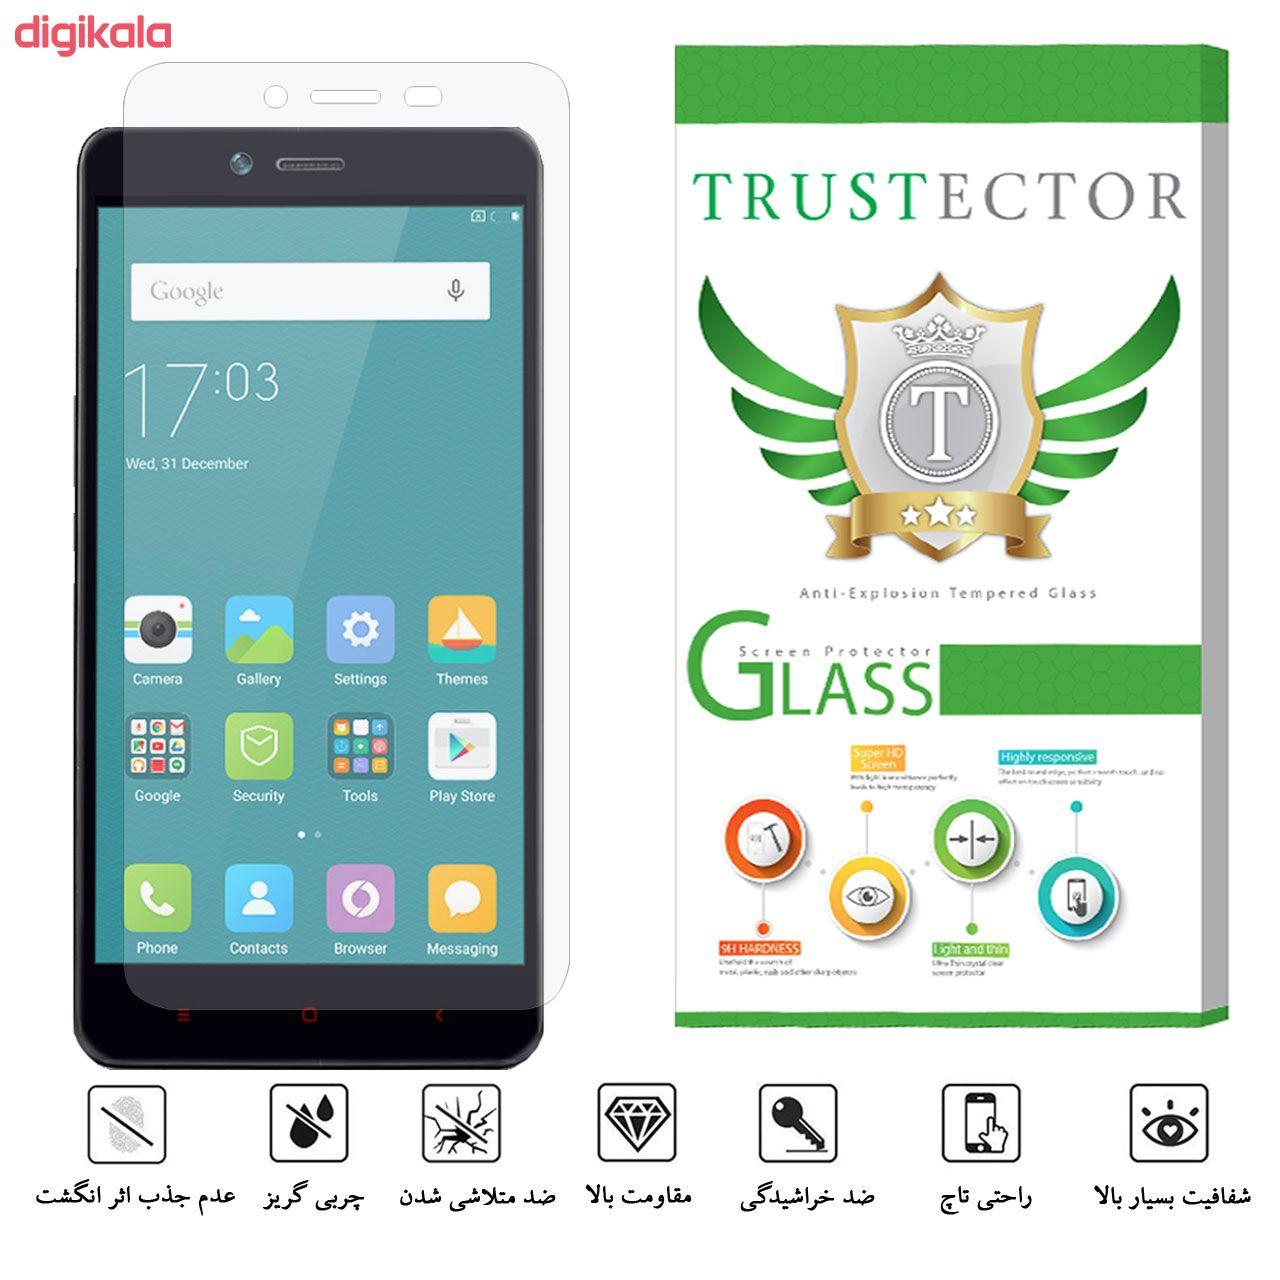 محافظ صفحه نمایش تراستکتور مدل GLS مناسب برای گوشی موبایل شیائومی Redmi Note 2 / Redmi Note 2 Prime main 1 2